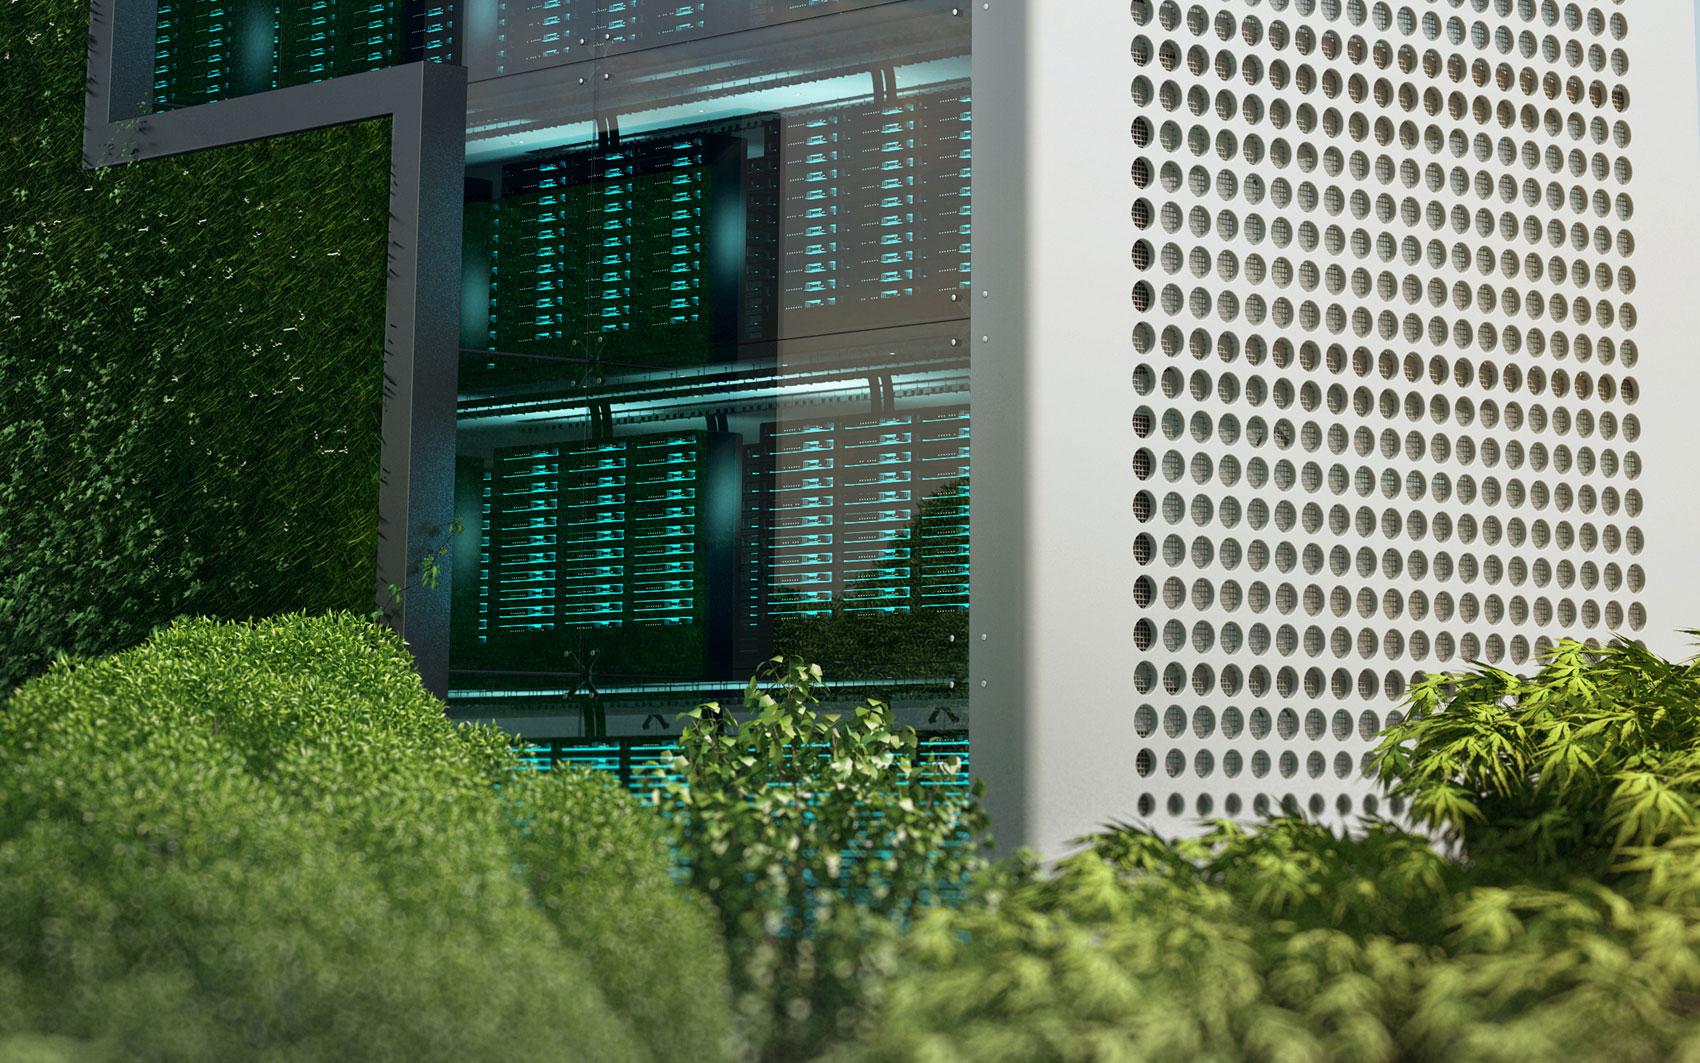 detail-socomec-data-green-power-1